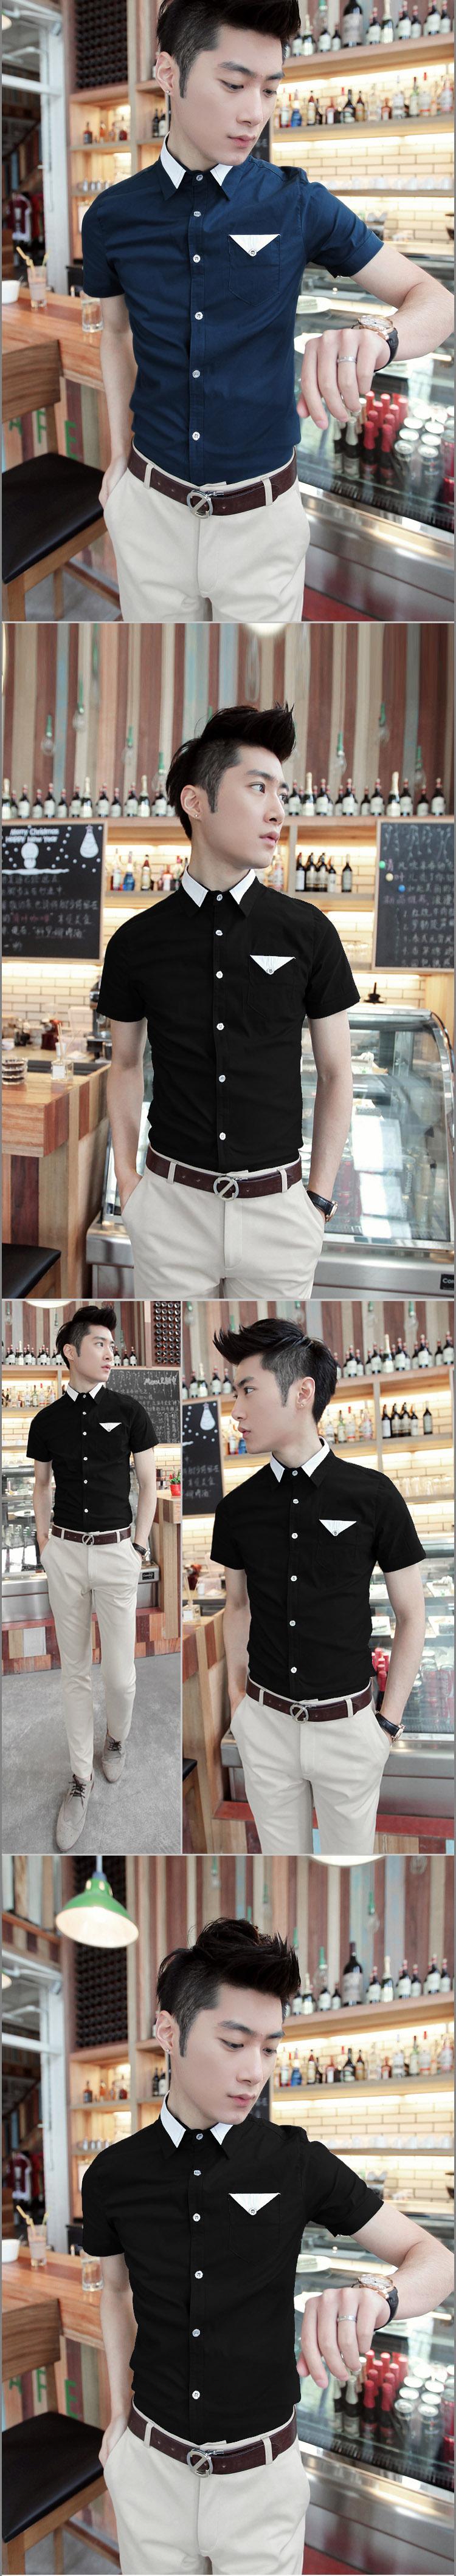 เสื้อผ้าผู้ชาย | เสื้อเชิ้ตผู้ชาย เสื้อเชิ้ตแฟชั่นชาย แขนสั้น แฟชั่นเกาหลี